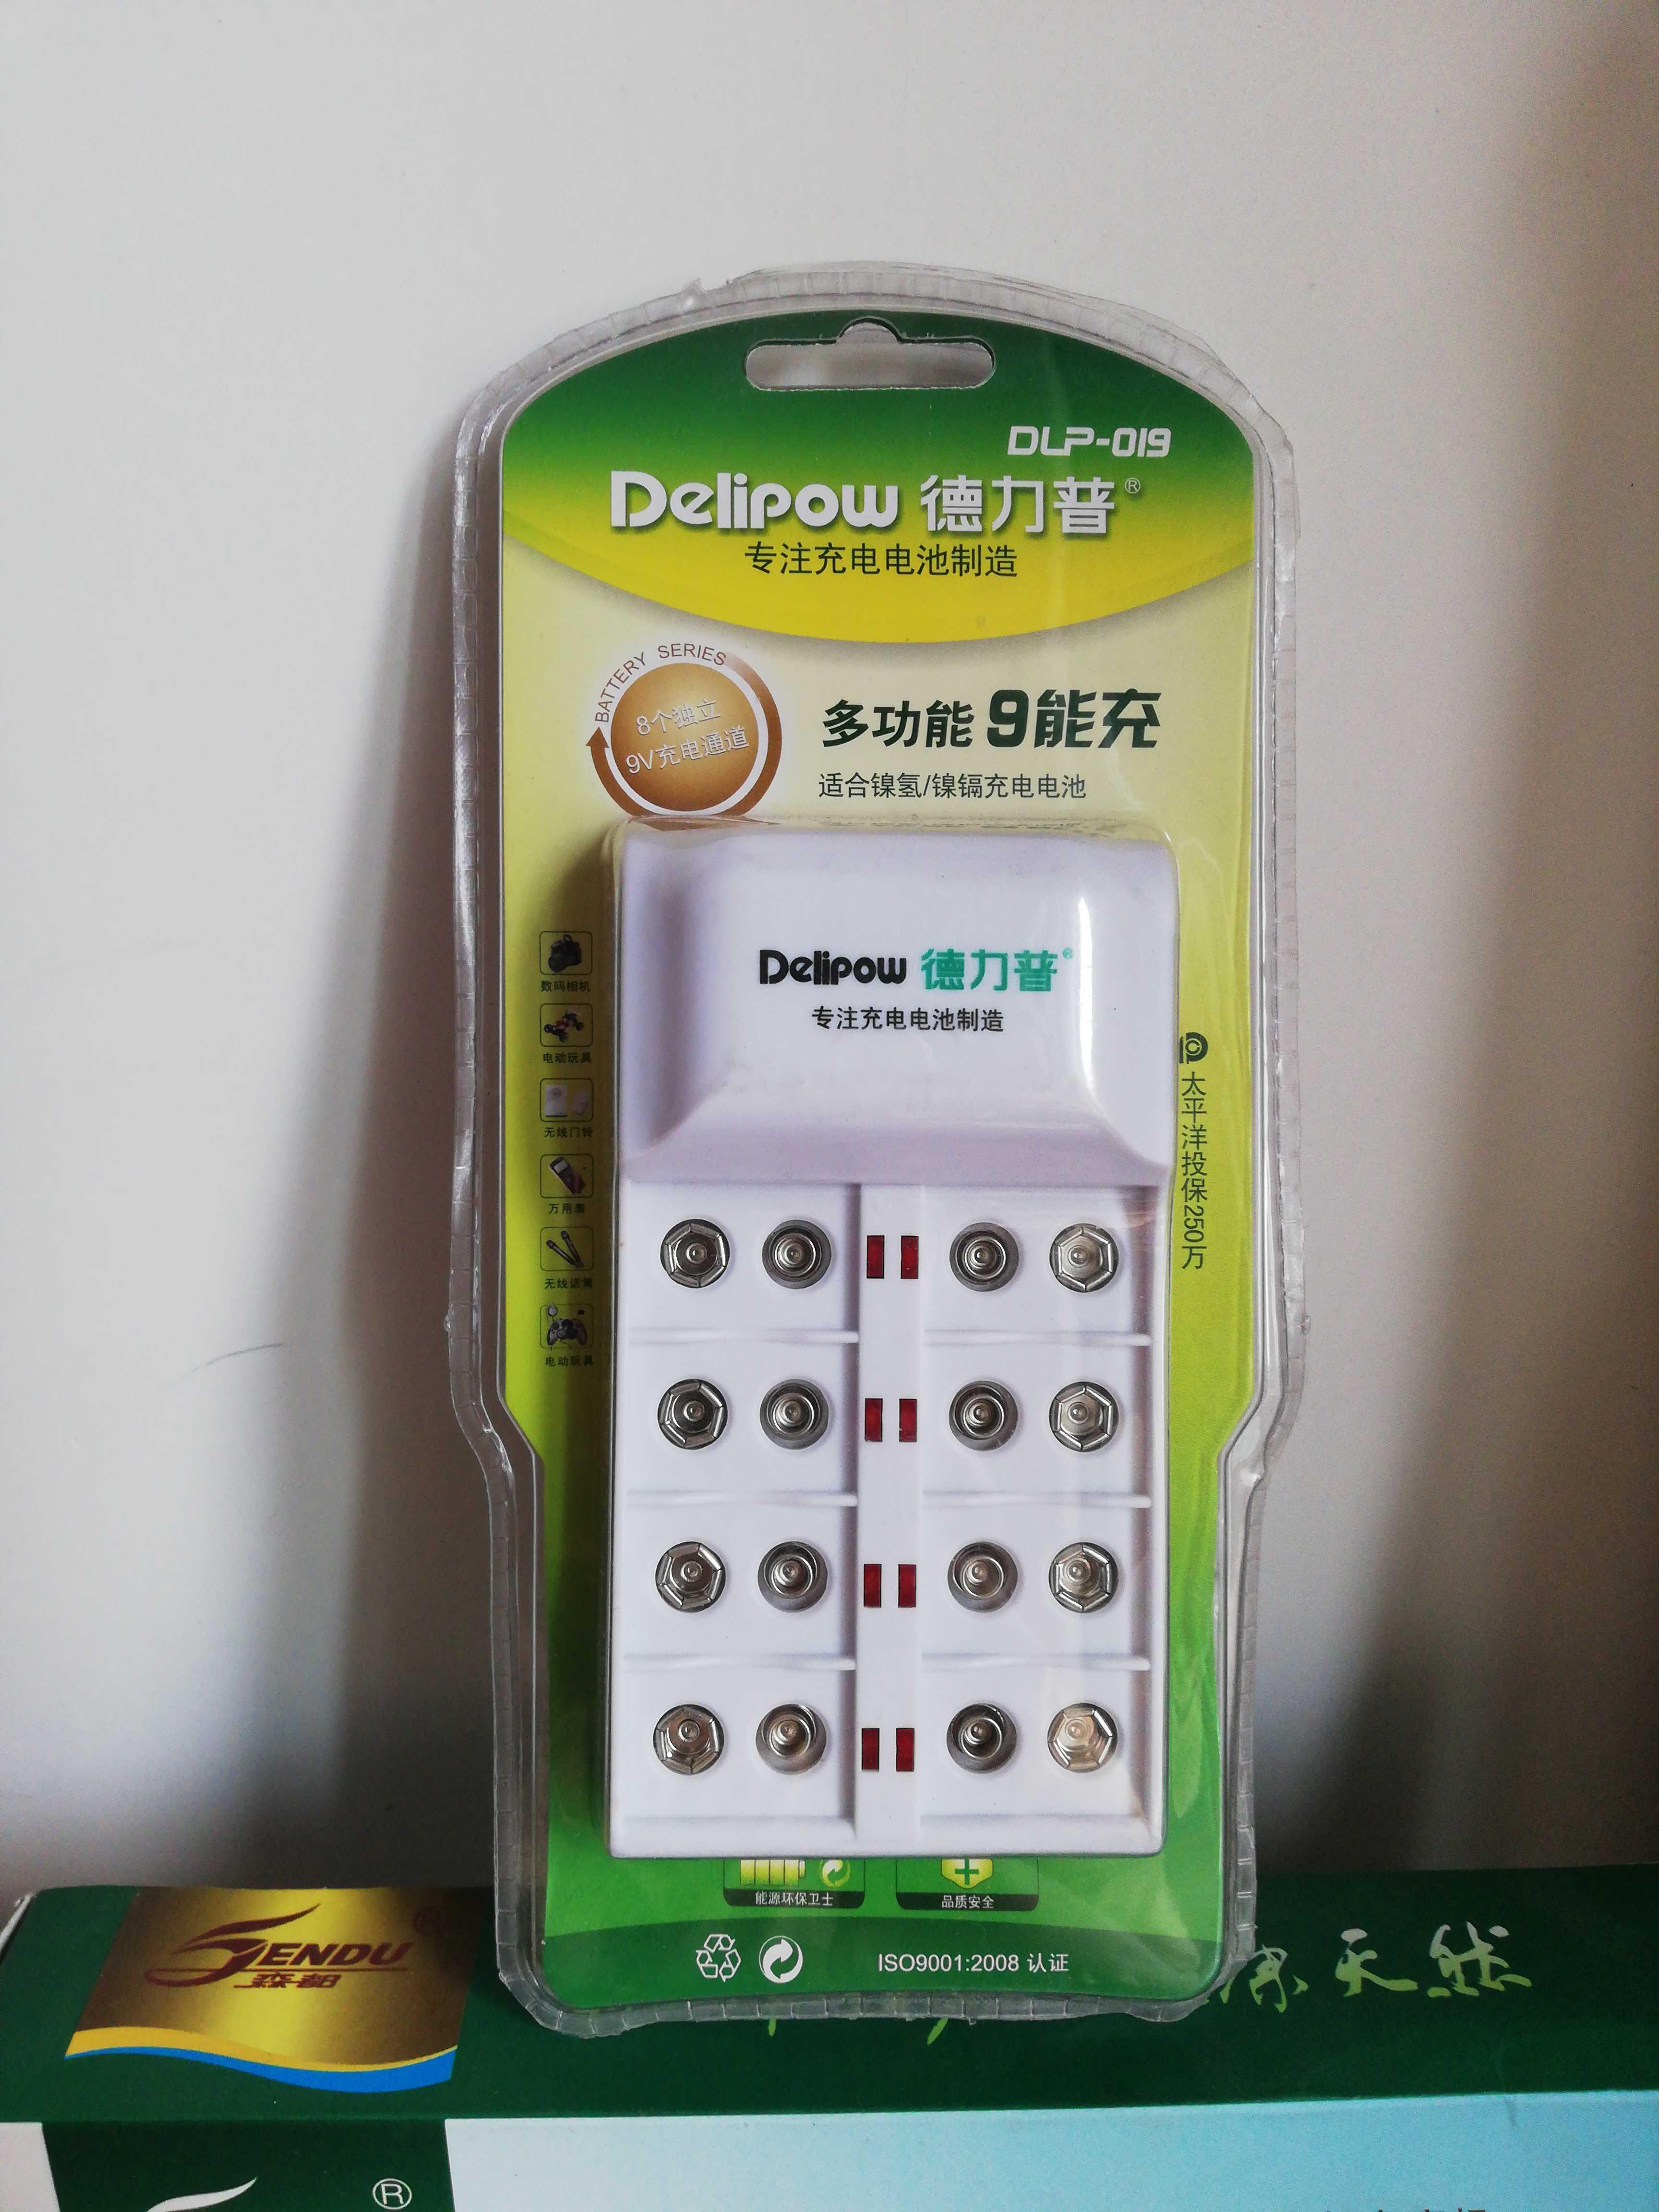 DLP-019德力普9V充电电池充电器,九伏可单独充,多功能9V充电器